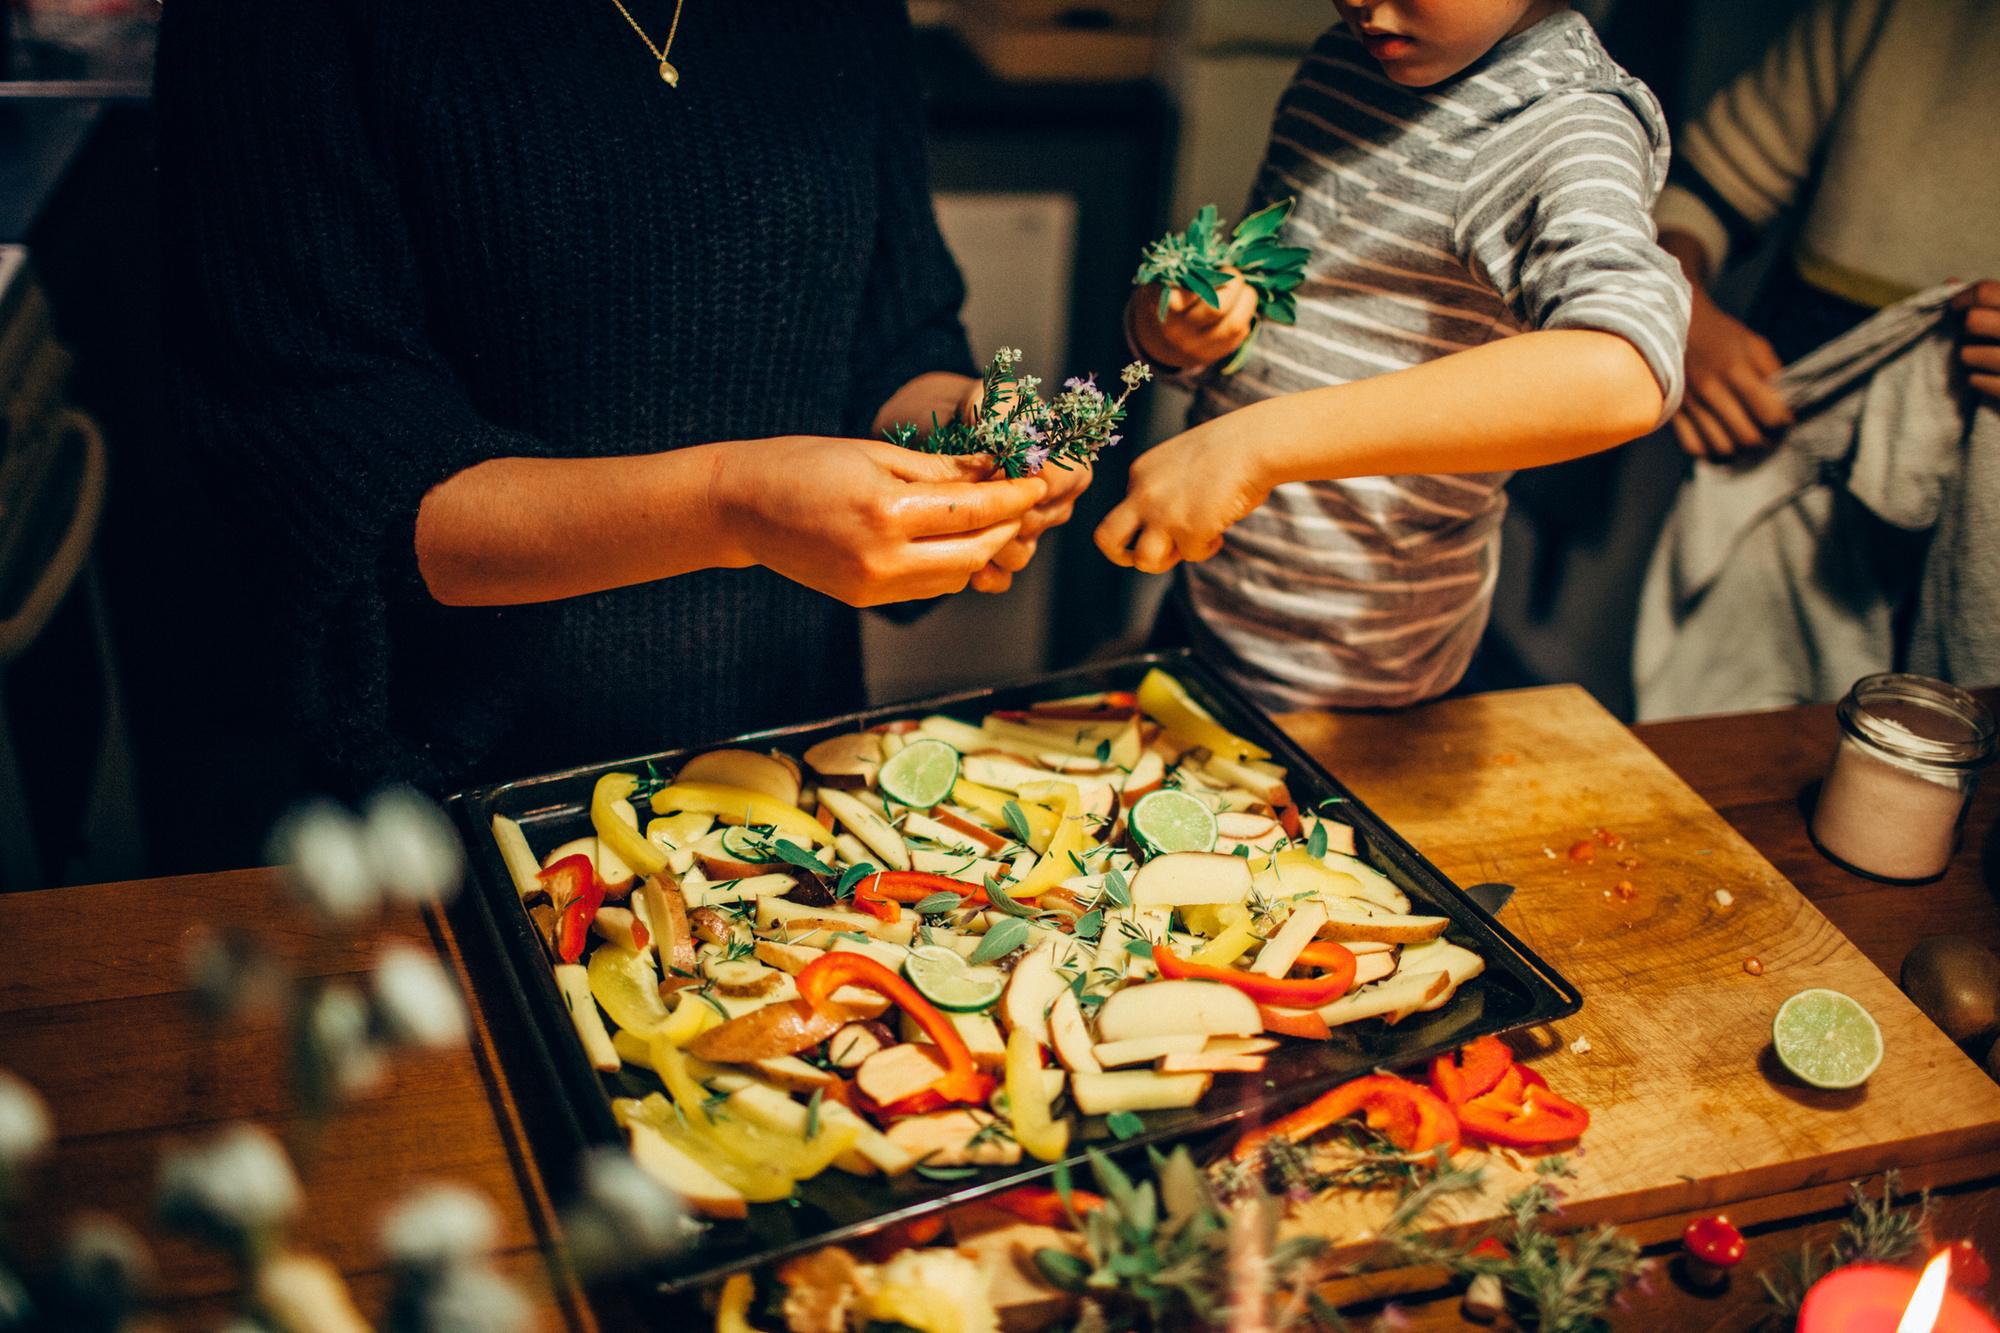 Groenten uit de oven: altijd lekker en multi-inzetbaar., Getty